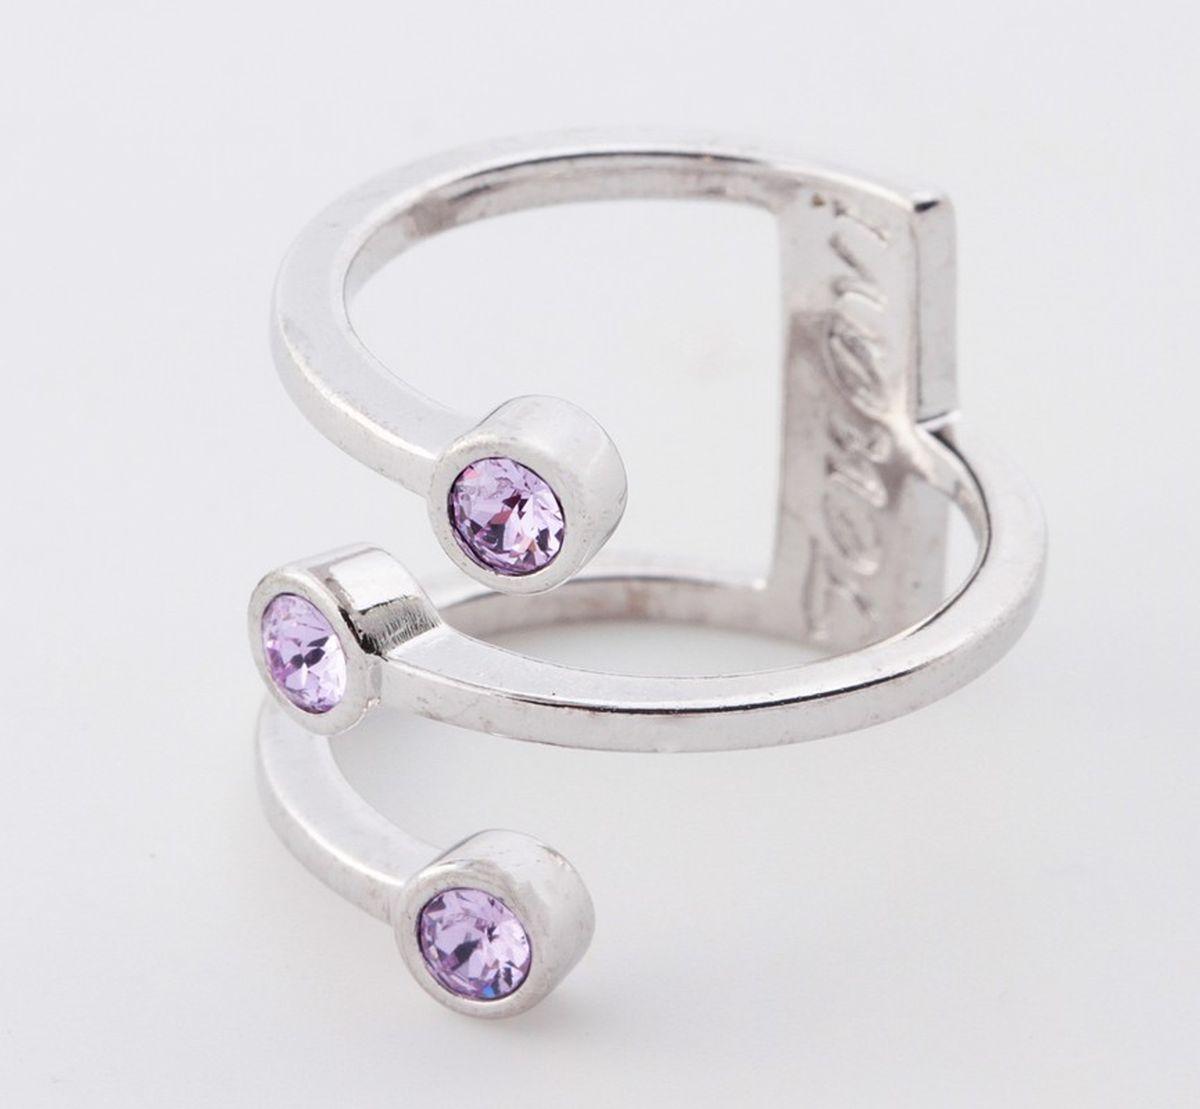 Jenavi, Коллекция Триада, Тримурти (Кольцо), цвет - серебряный, фиолетовый, размер - 20f696f050Коллекция Триада, Тримурти (Кольцо) гипоаллергенный ювелирный сплав,Серебрение c род. , вставка Кристаллы Swarovski , цвет - серебряный, фиолетовый, размер - 20